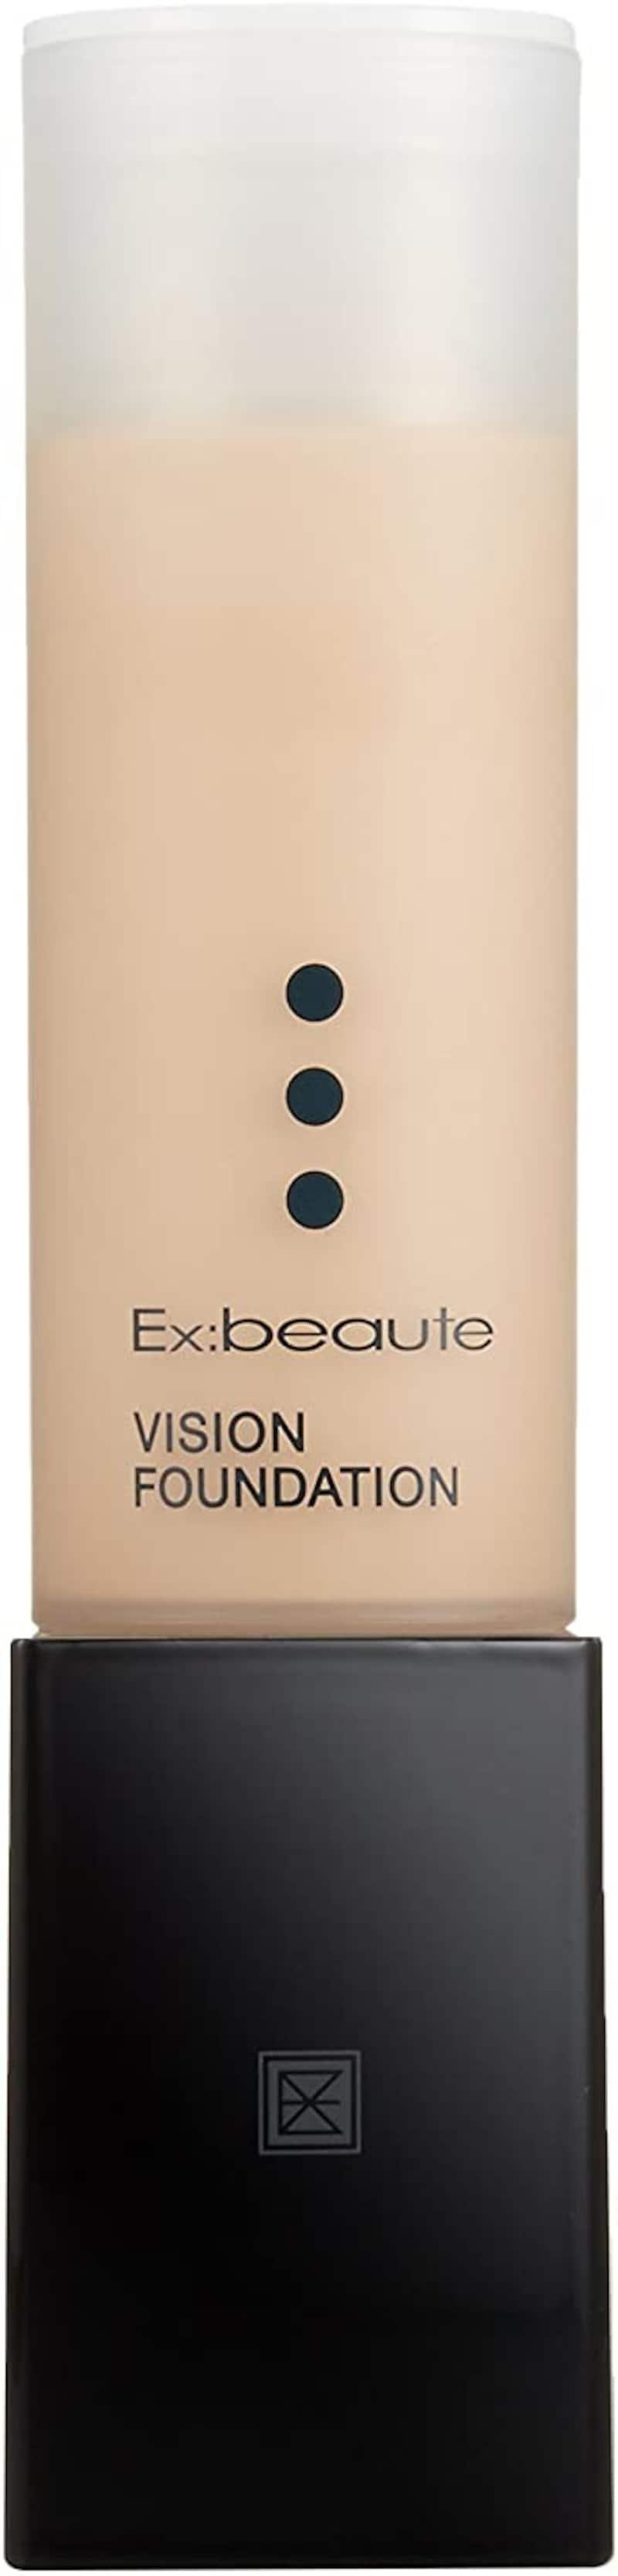 Ex:beaute(エクスボーテ),ビジョンファンデーション リキッド モイストタイプ